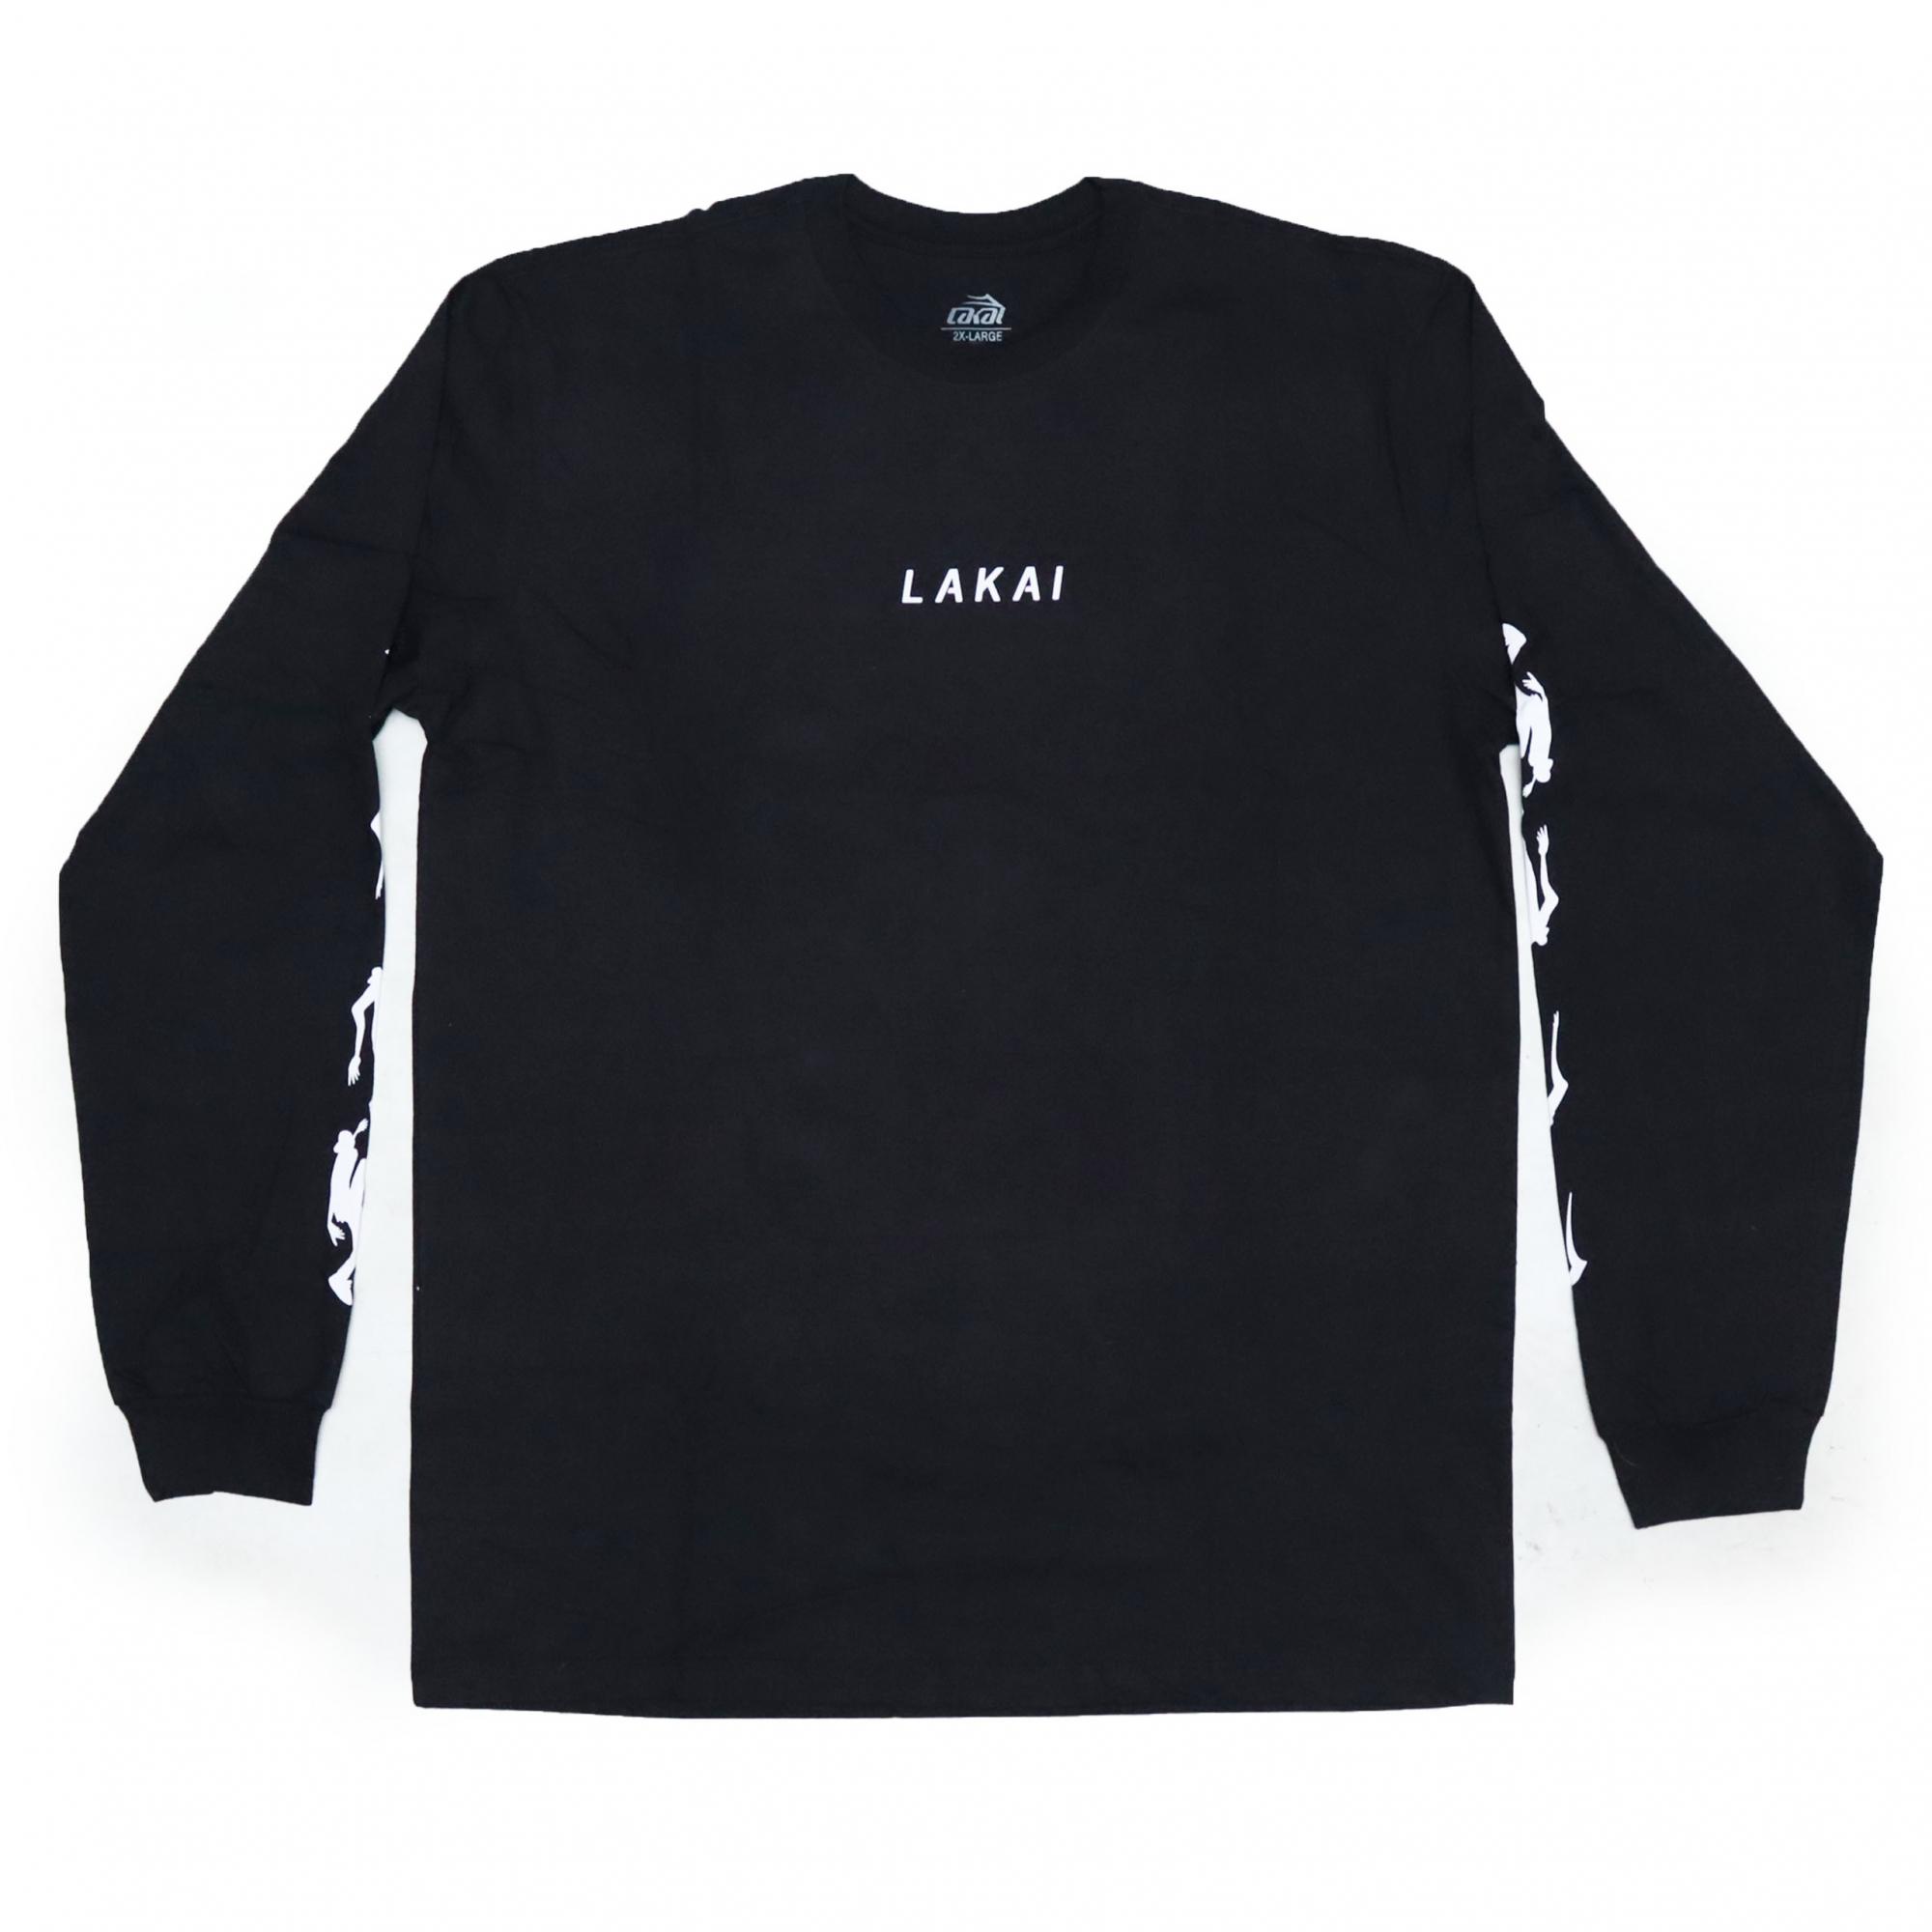 Camiseta Manga Longa Lakai Evolve - Preto